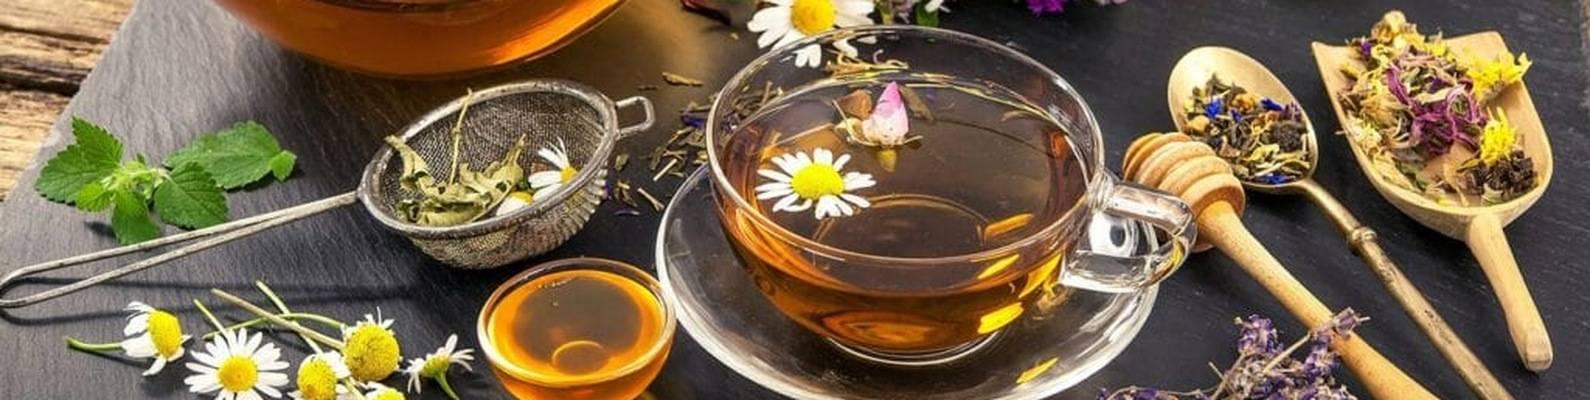 16 травяных чаев: польза и вред для мужчин, как правильно заварить и пить, рецепт